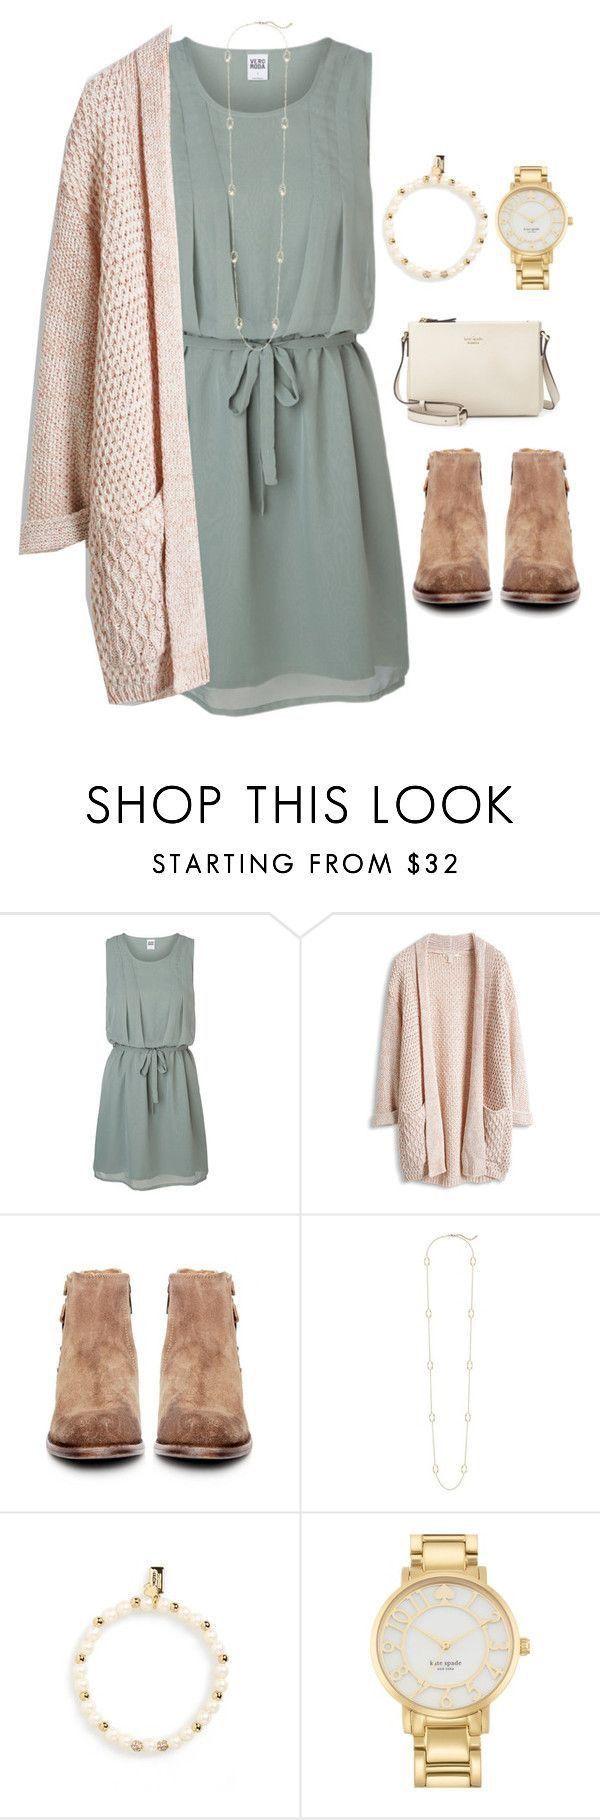 Ich mag das Kleid und den Pullover mit den Booties